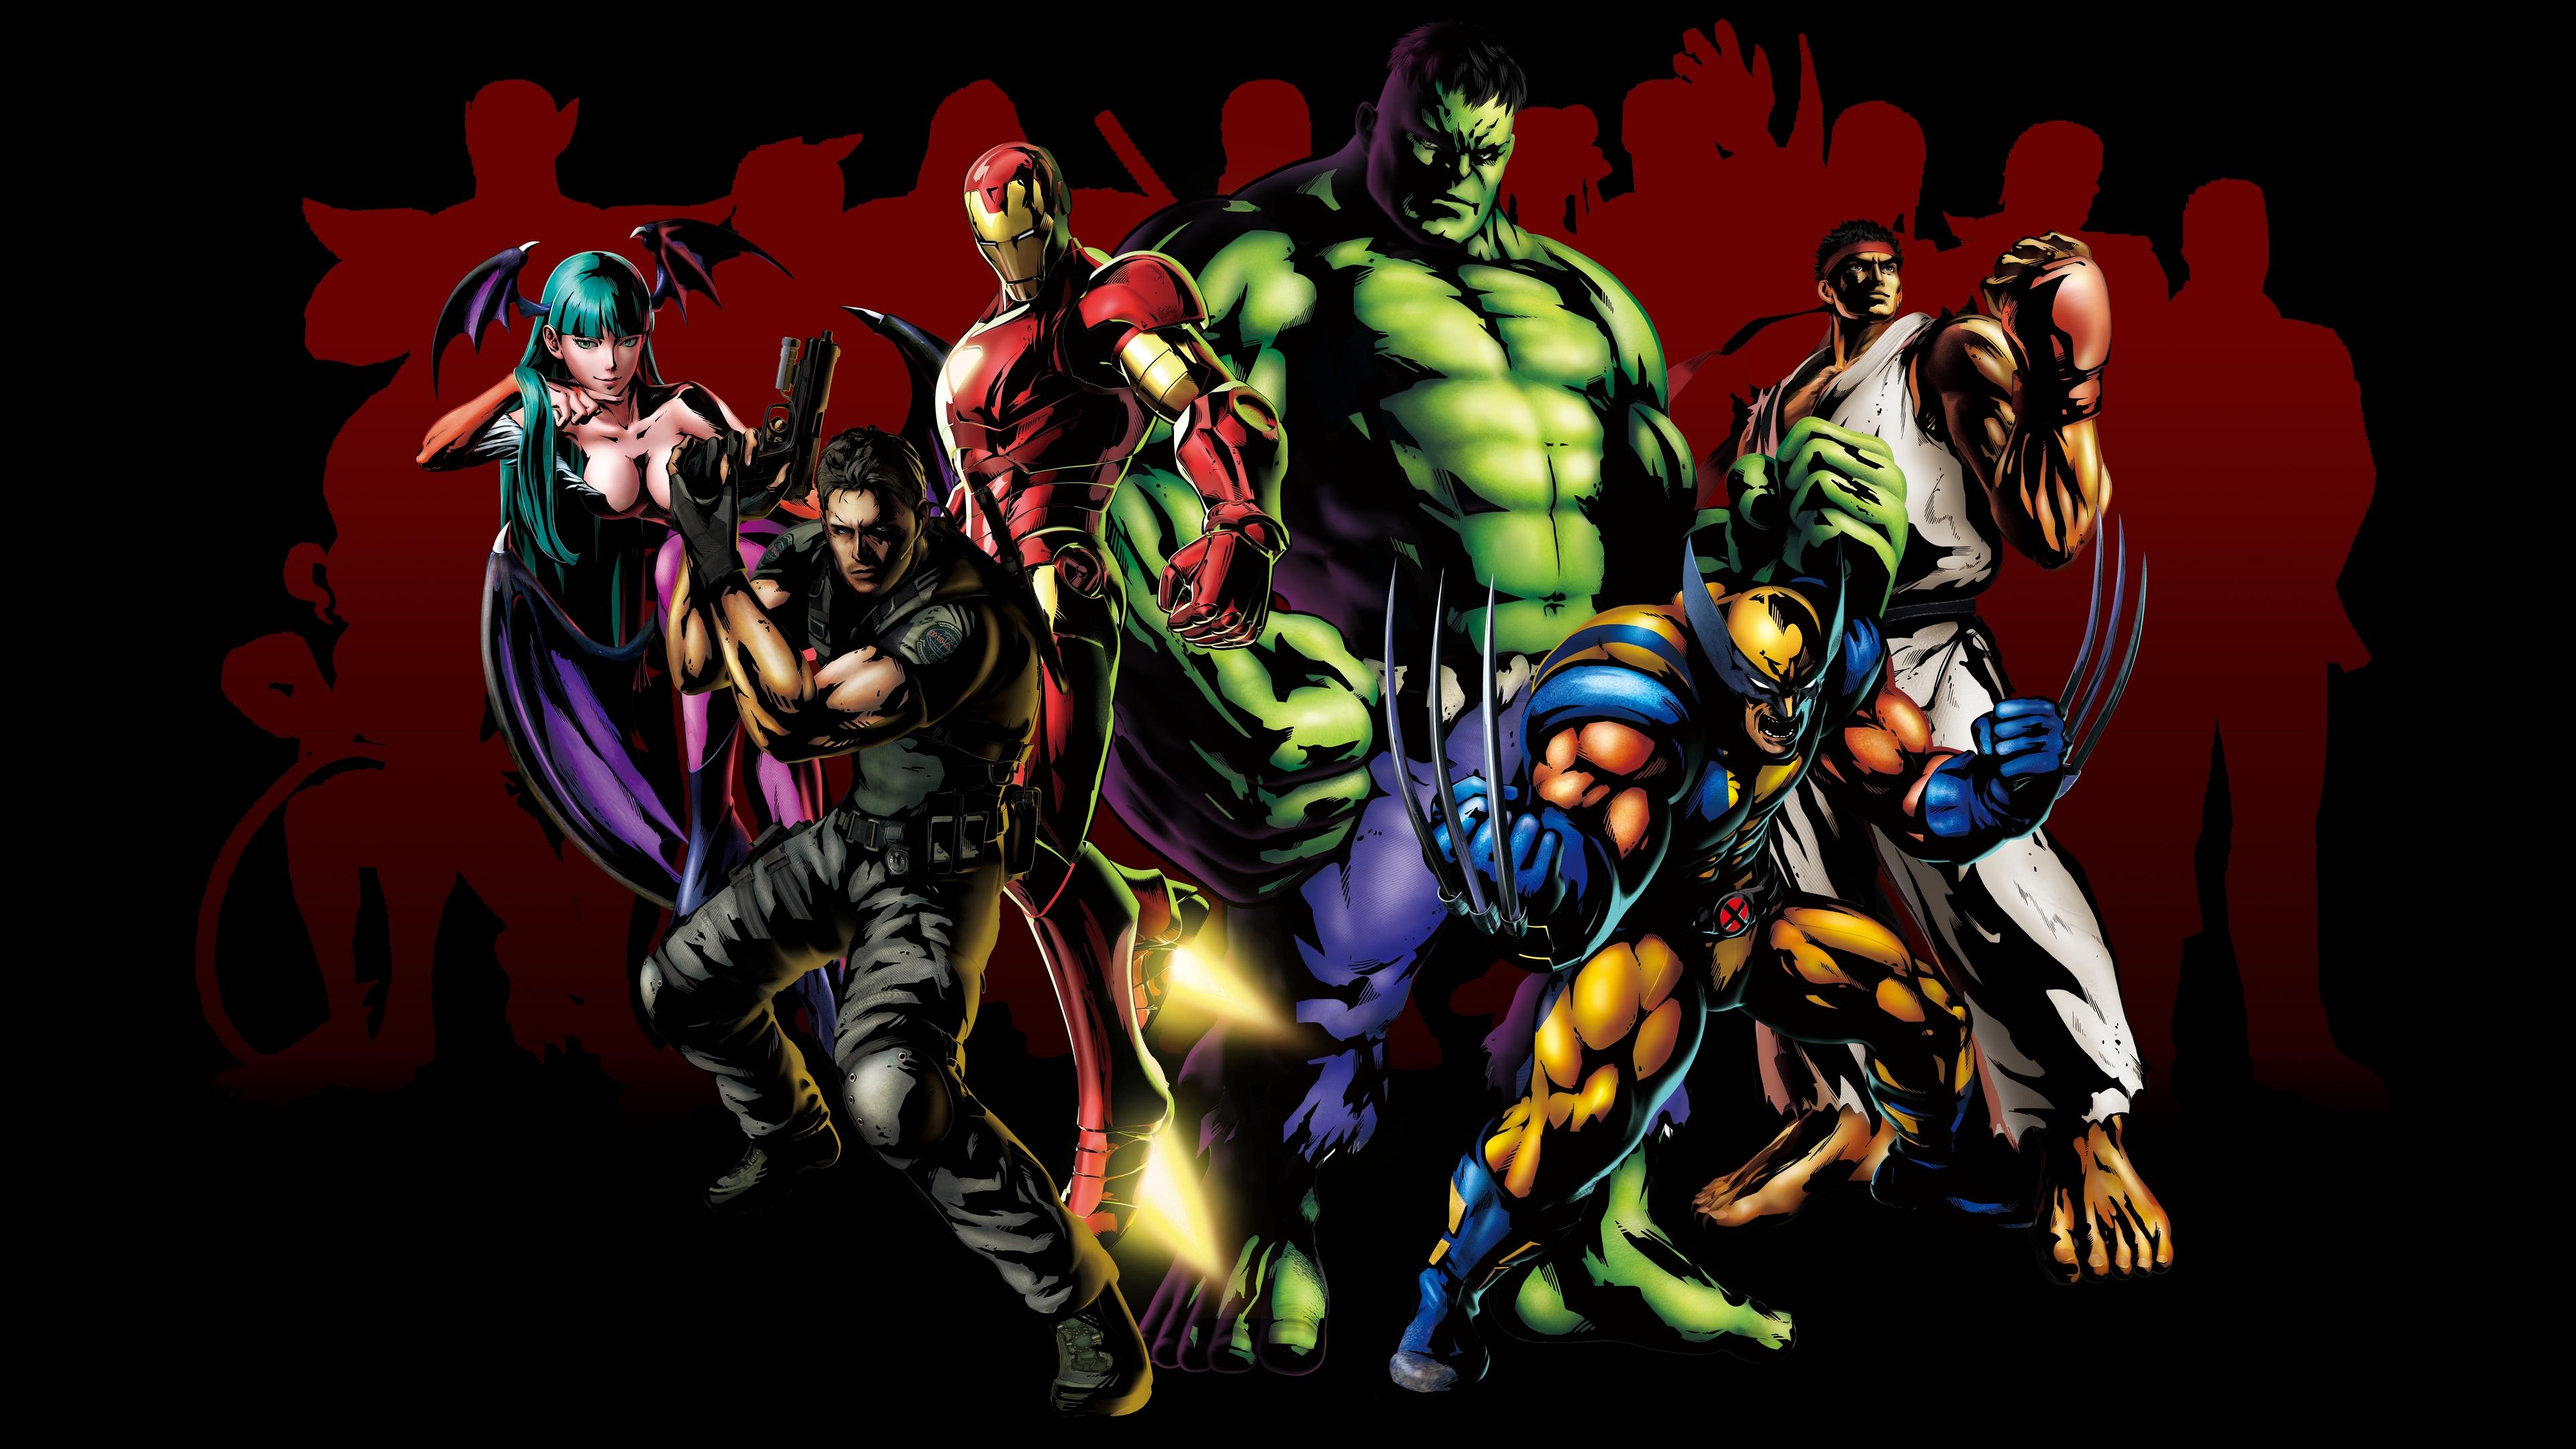 marvel vs capcom 3 fate of two worlds 4k 1553074657 - Marvel Vs Capcom 3 Fate Of Two Worlds 4k - marvel wallpapers, hd-wallpapers, games wallpapers, 8k wallpapers, 5k wallpapers, 4k-wallpapers, 10k wallpapers